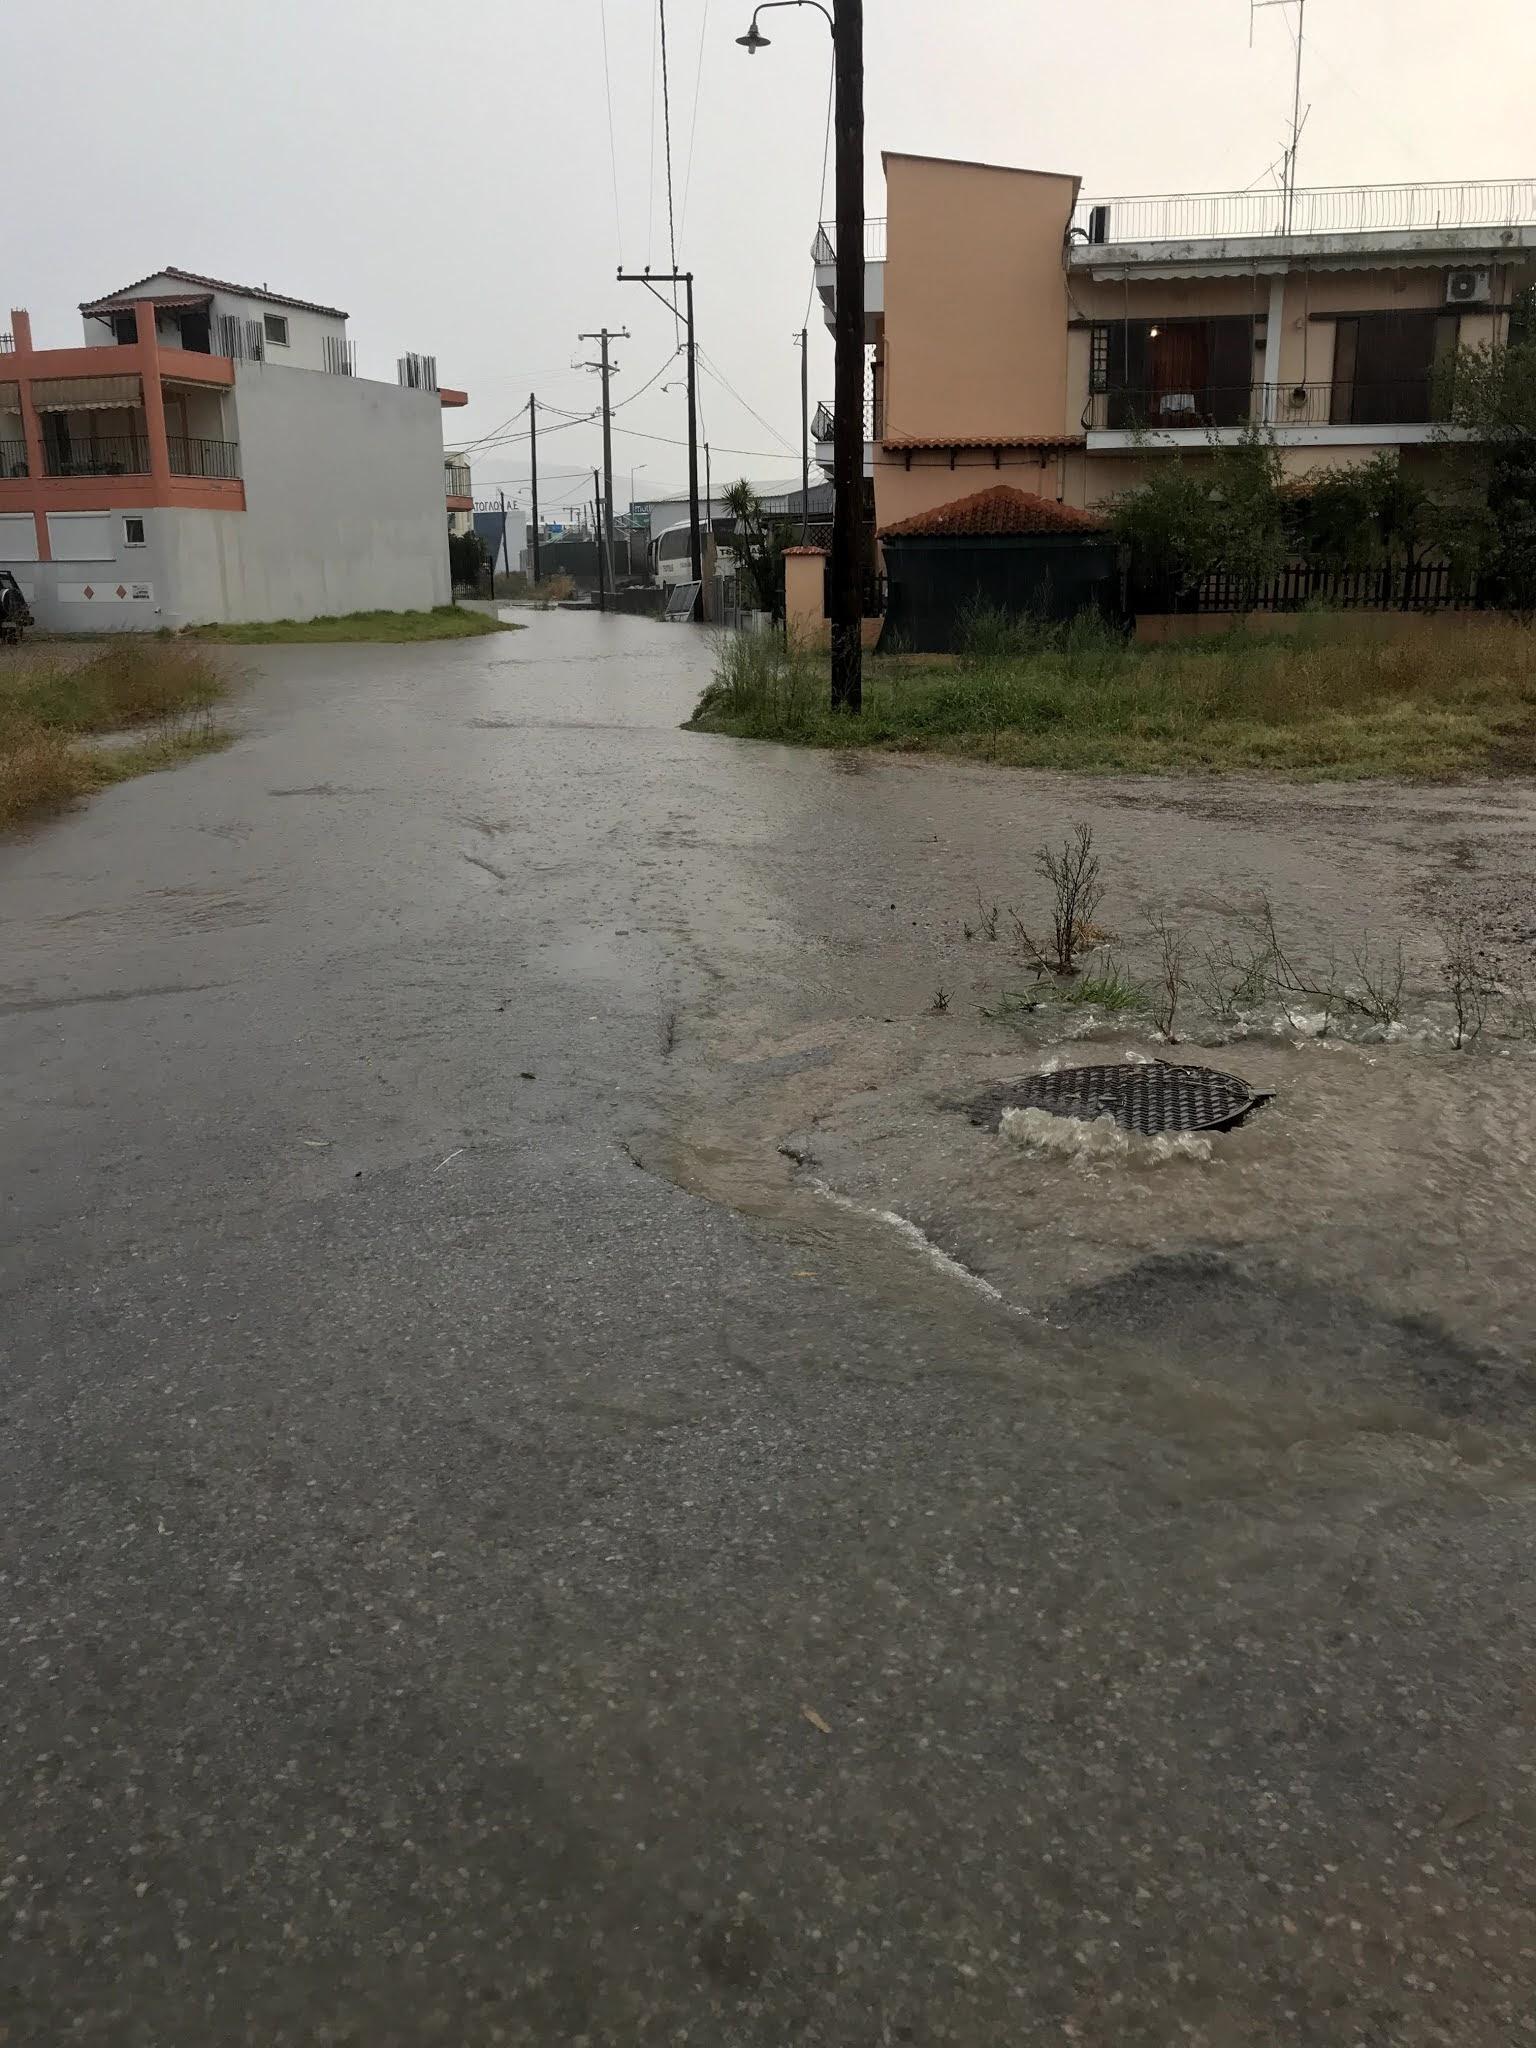 Ξεκίνησαν τα έντονα φαινόμενα του ΙΑΝΟΥ στην Εύβοια. Από τις 4,30 τα ξημερώματα βρέχει κατά διαστήματα στον Δήμο Χαλκιδέων.